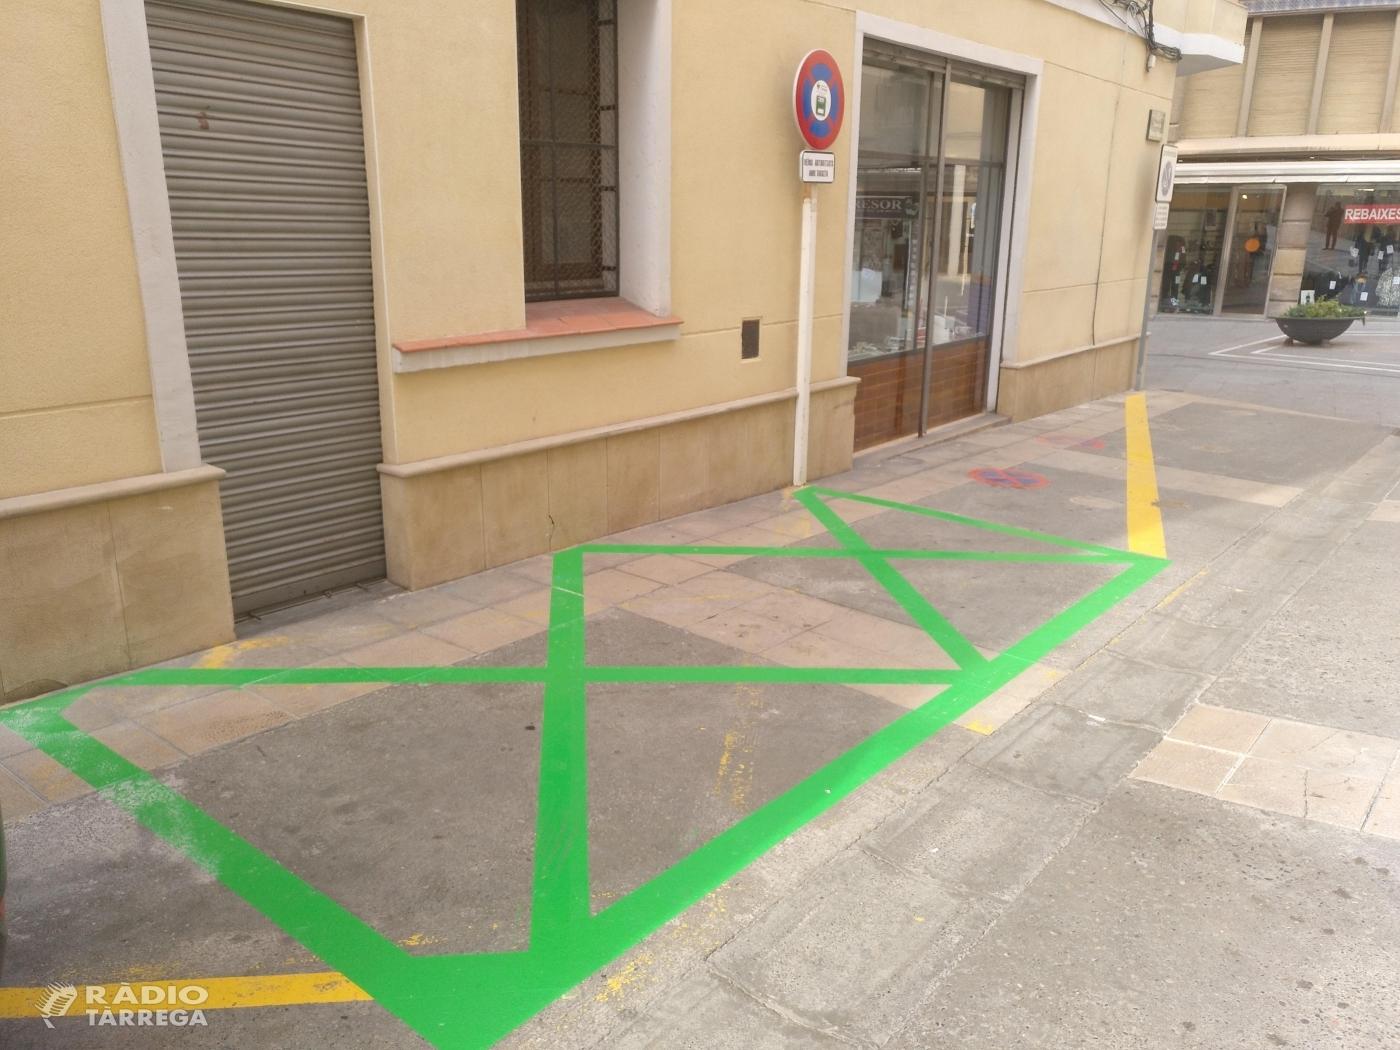 Tàrrega habilita llocs d'estacionament amb una durada màxima de 10 minuts per a veïns residents als carrers vianalitzats del centre